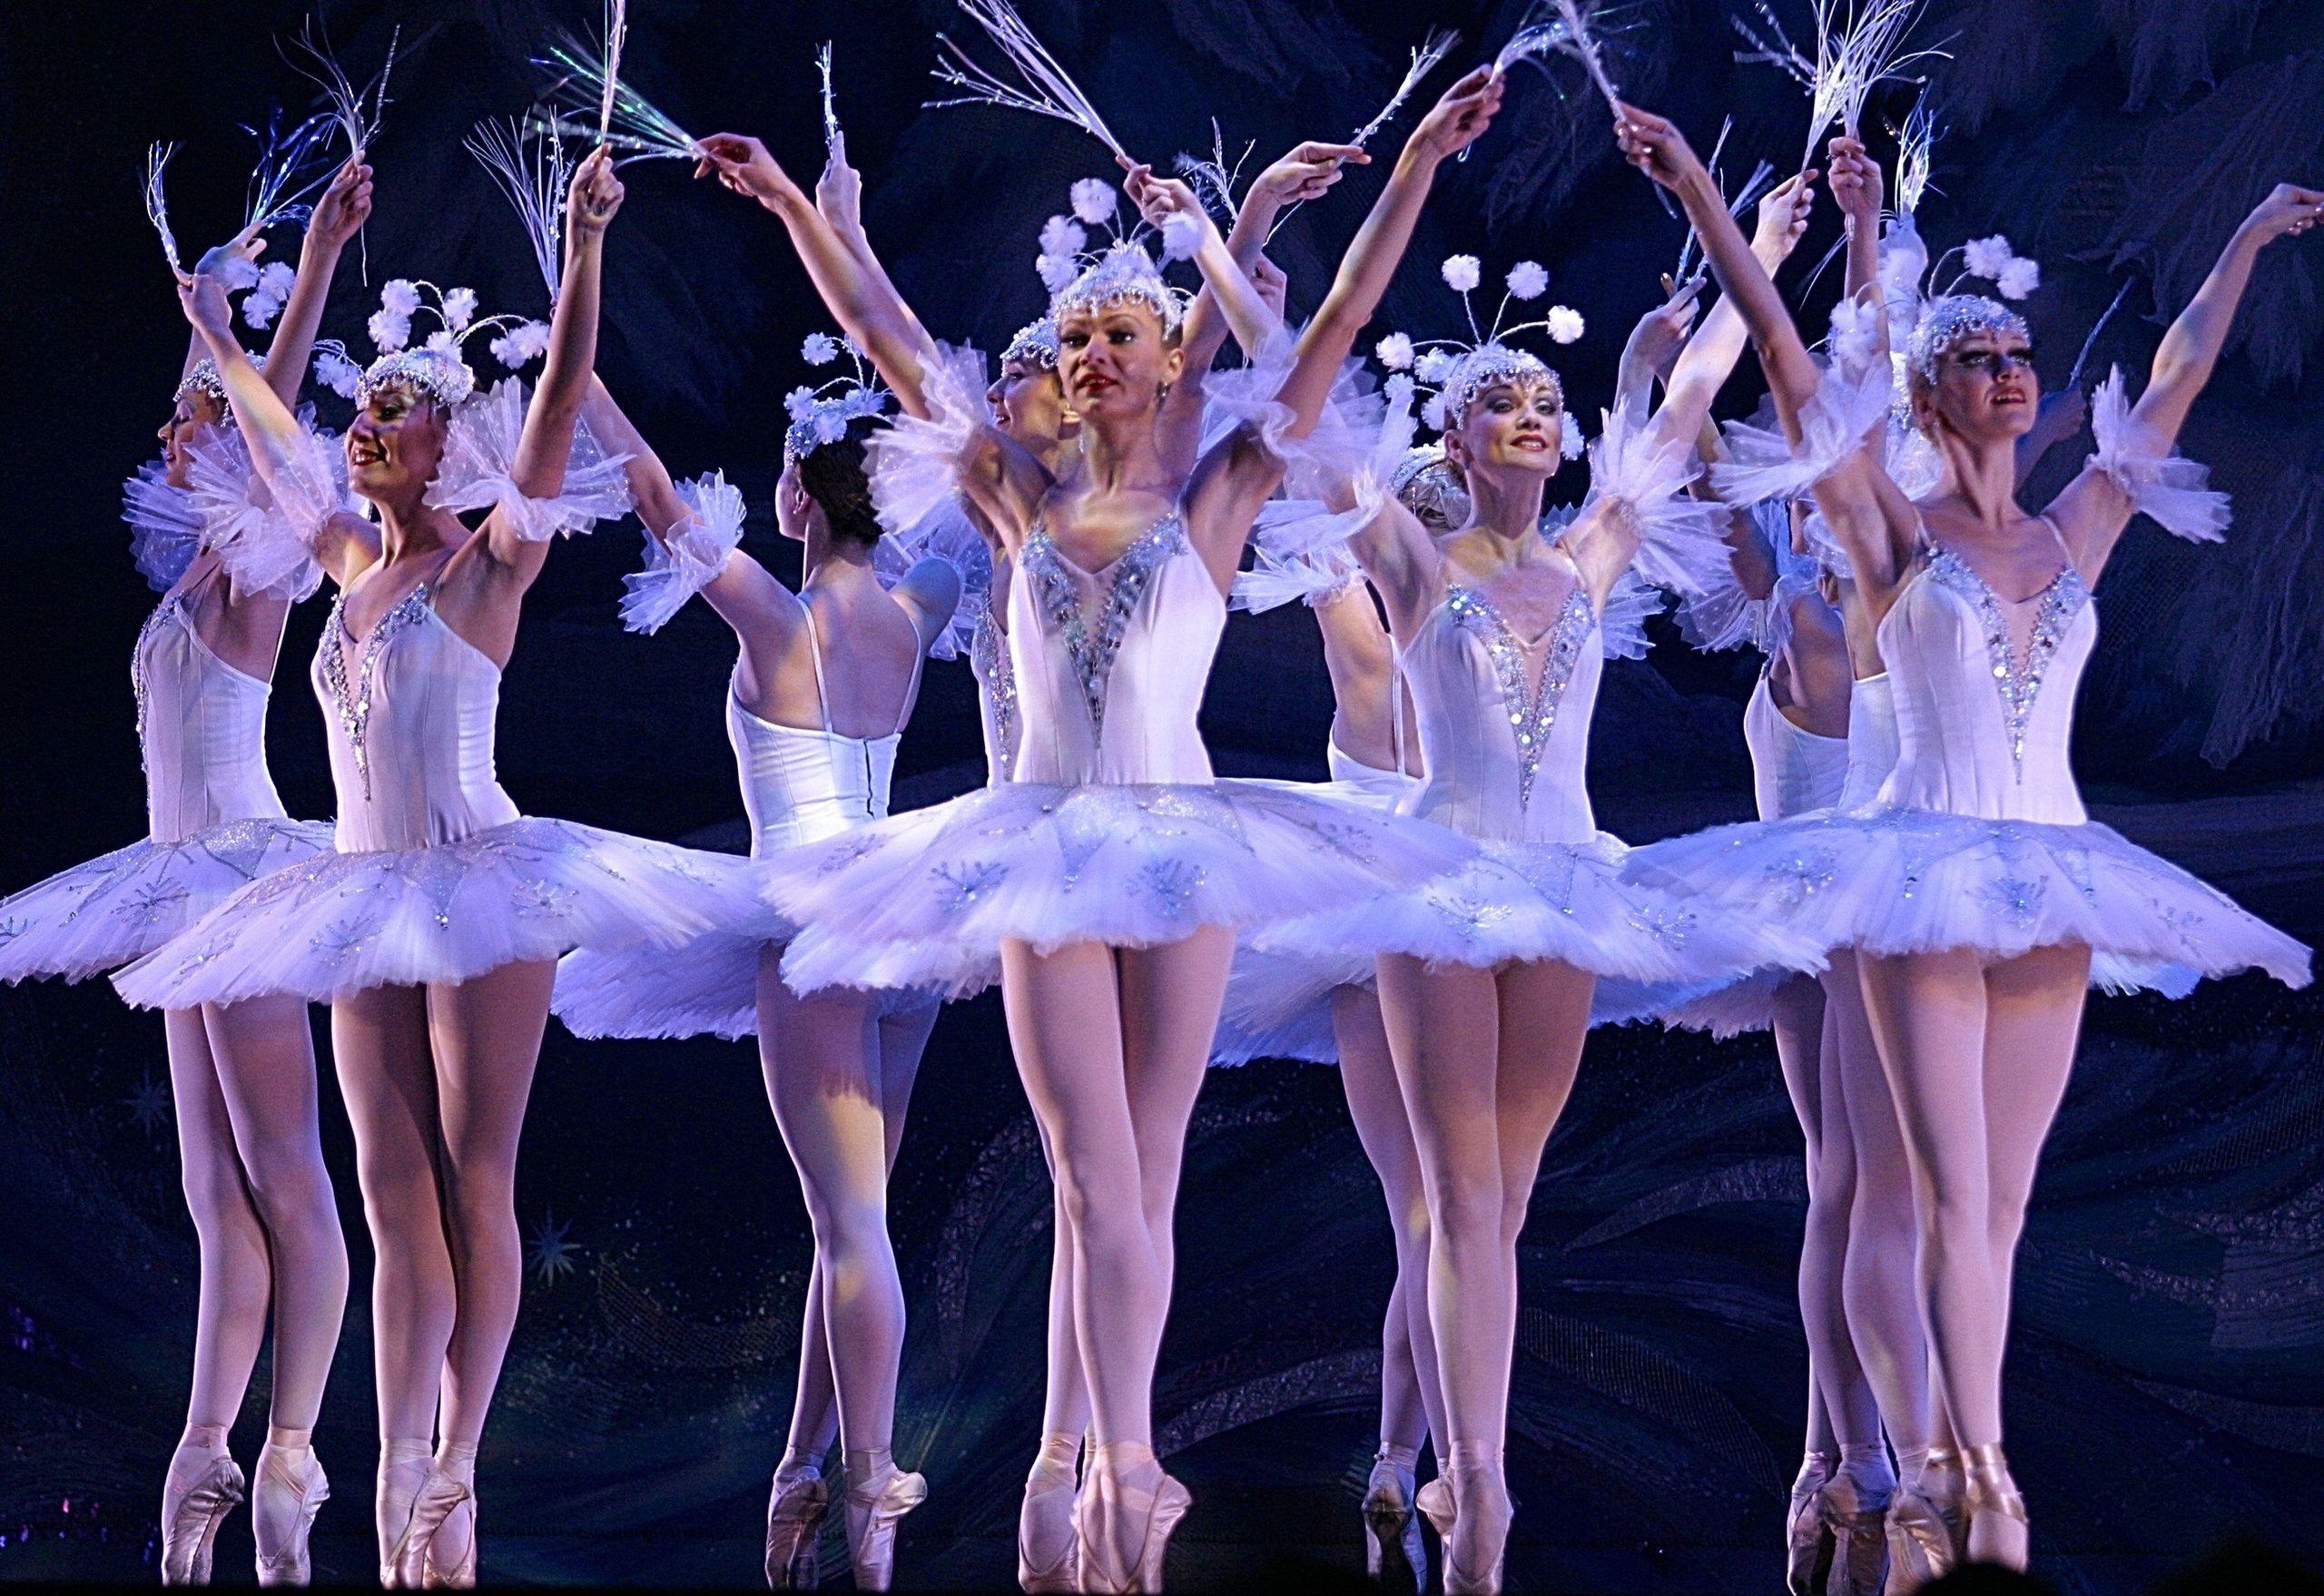 ballerinas images balletrina hd wallpaper and background photos